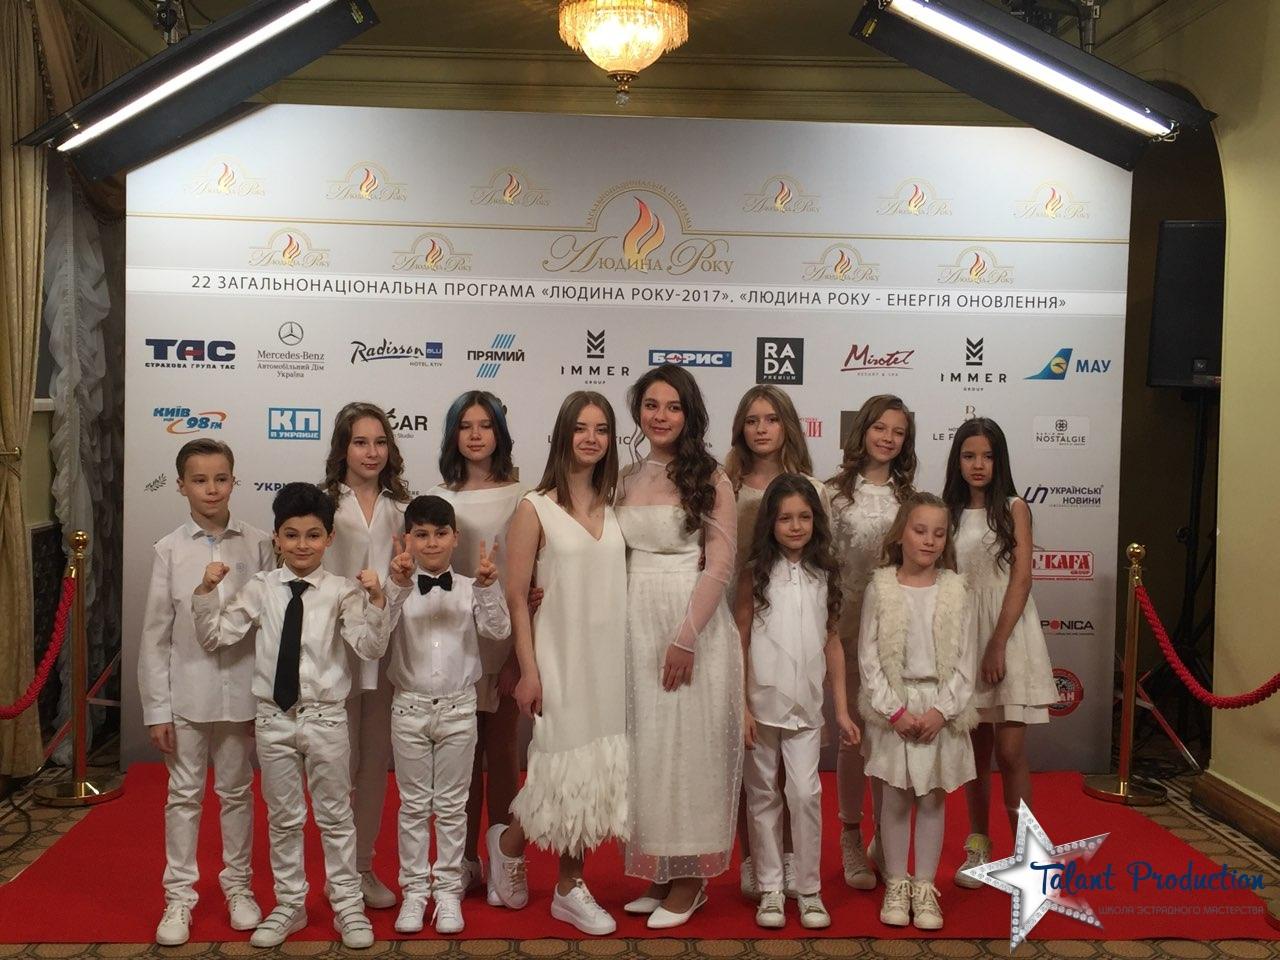 """Артисты """"Talant Production"""" на ежегодной премии """"Людина року"""" выступят с финальным номером"""